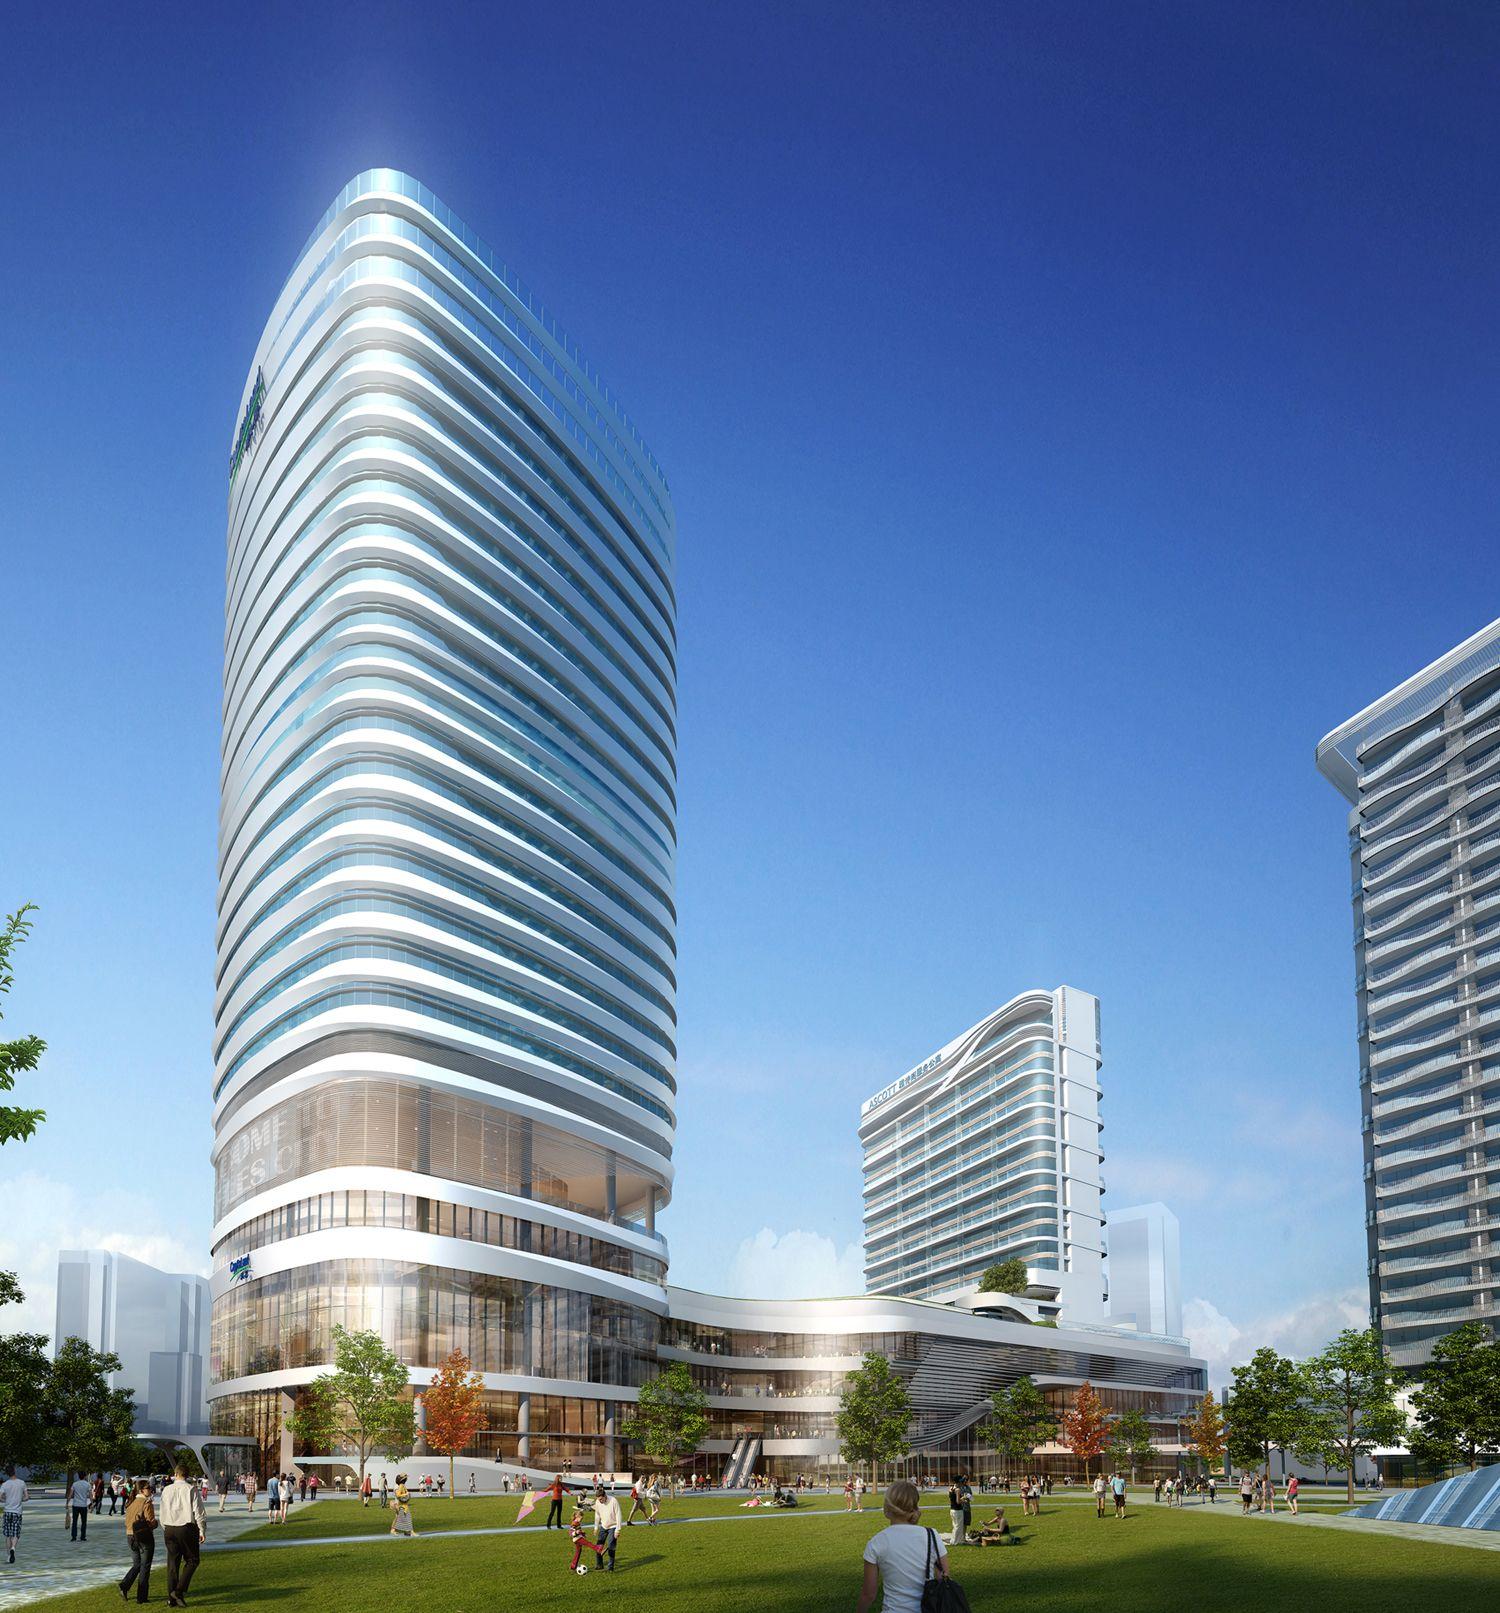 Raffles city shenzhen china shopping mall benoy futuristische architektur architektur - Futuristische architektur ...